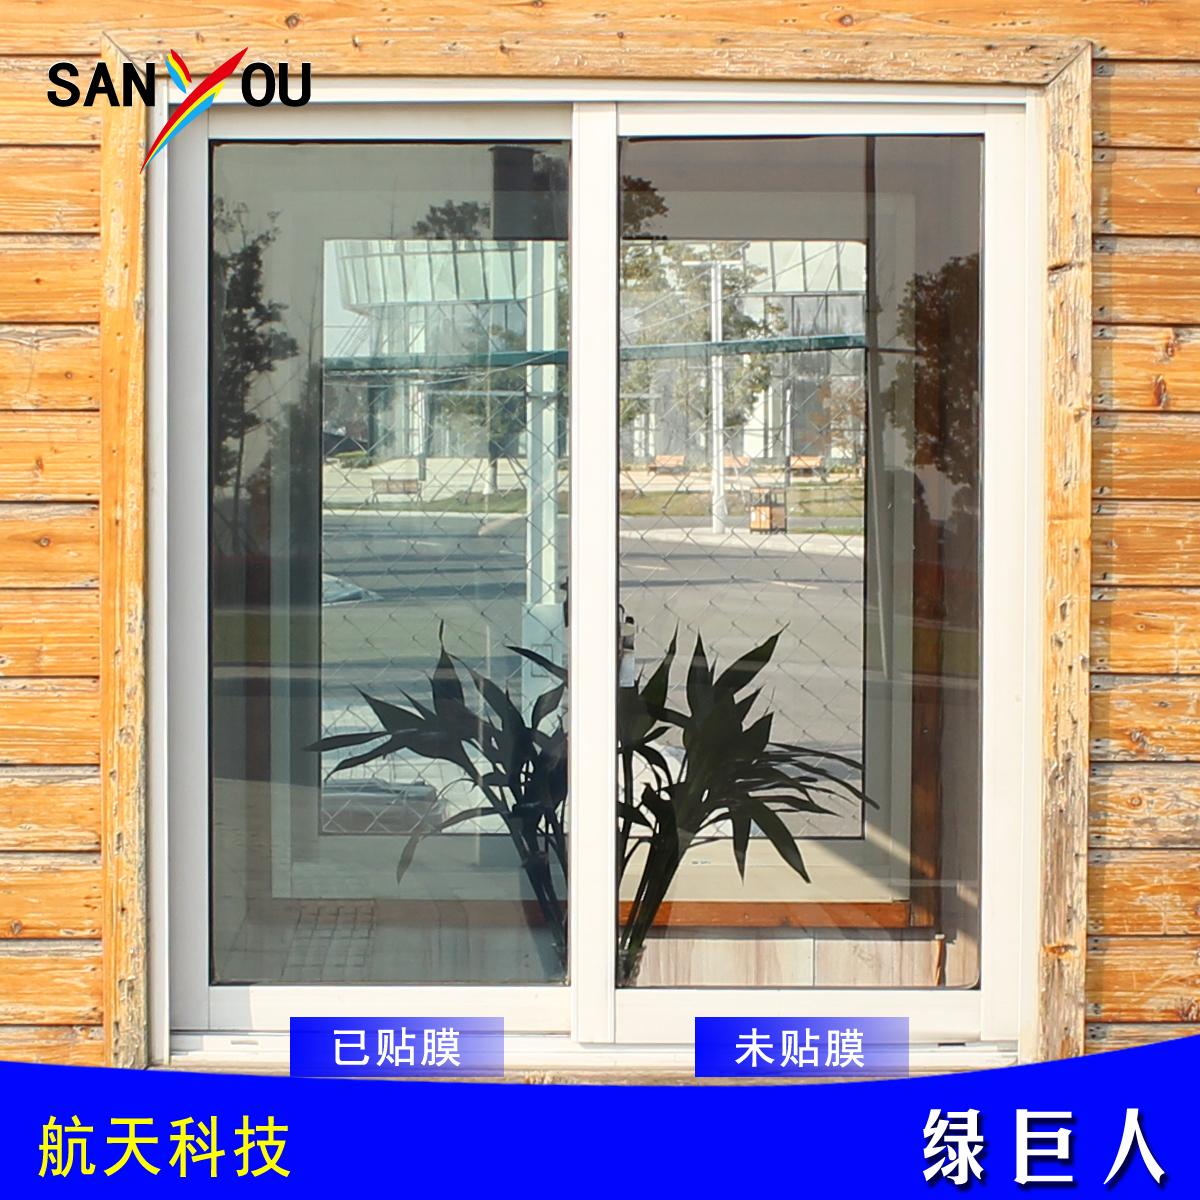 SANYOU玻璃�N膜高透光�N��光房遮�膜防爆隔�崮り��_窗�籼��膜